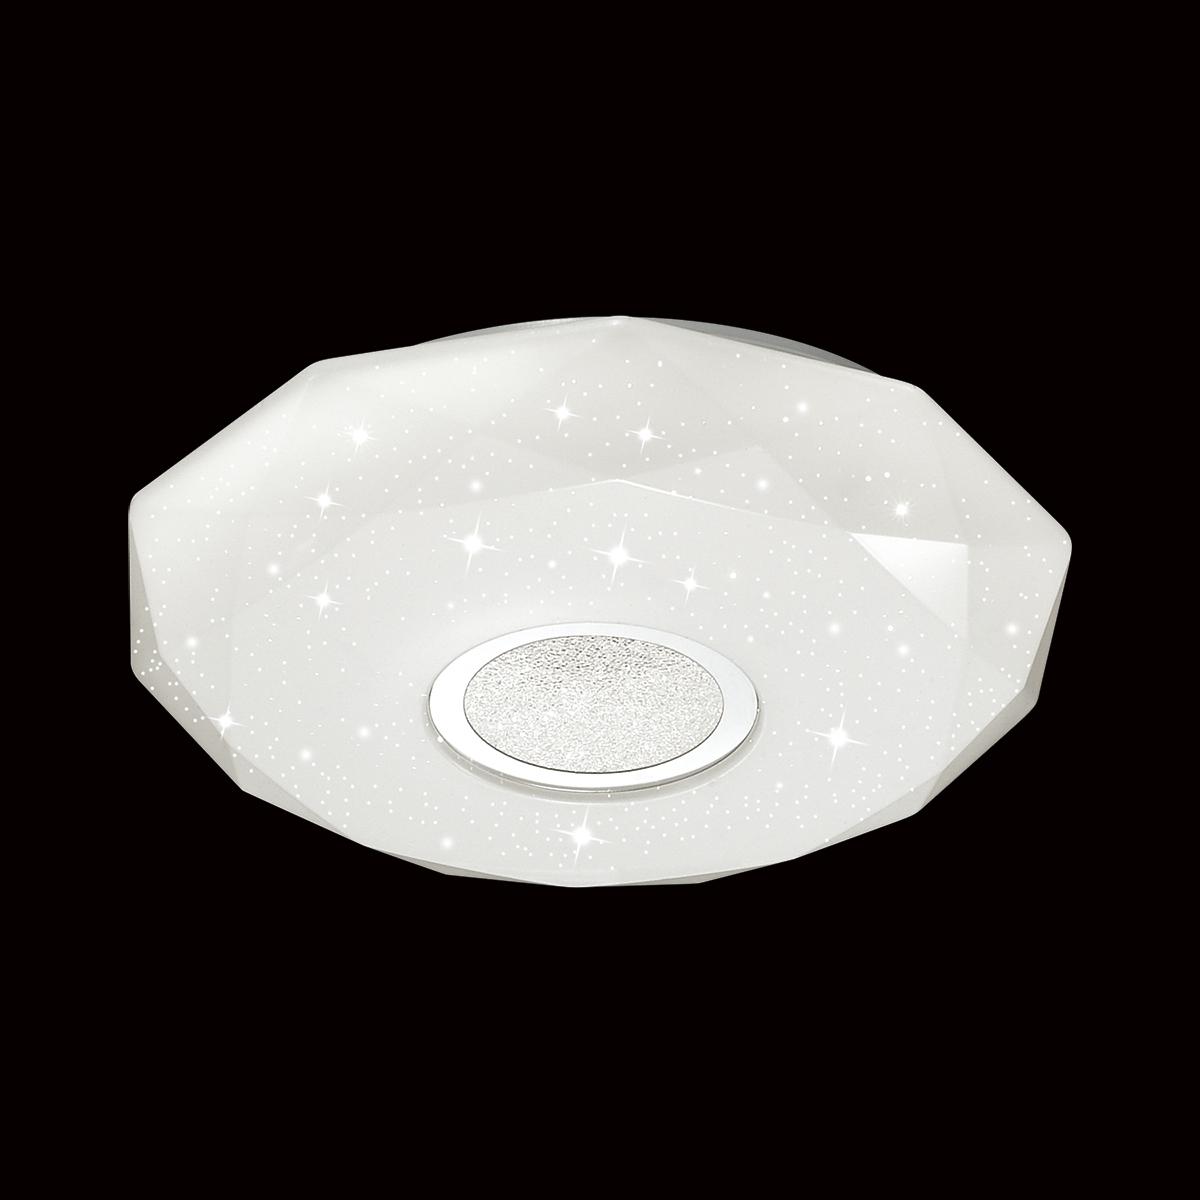 Потолочный светодиодный светильник Sonex Prisa 2057/CL, IP43, LED 24W, 3800K (дневной), белый, прозрачный, хром, металл, пластик - фото 4